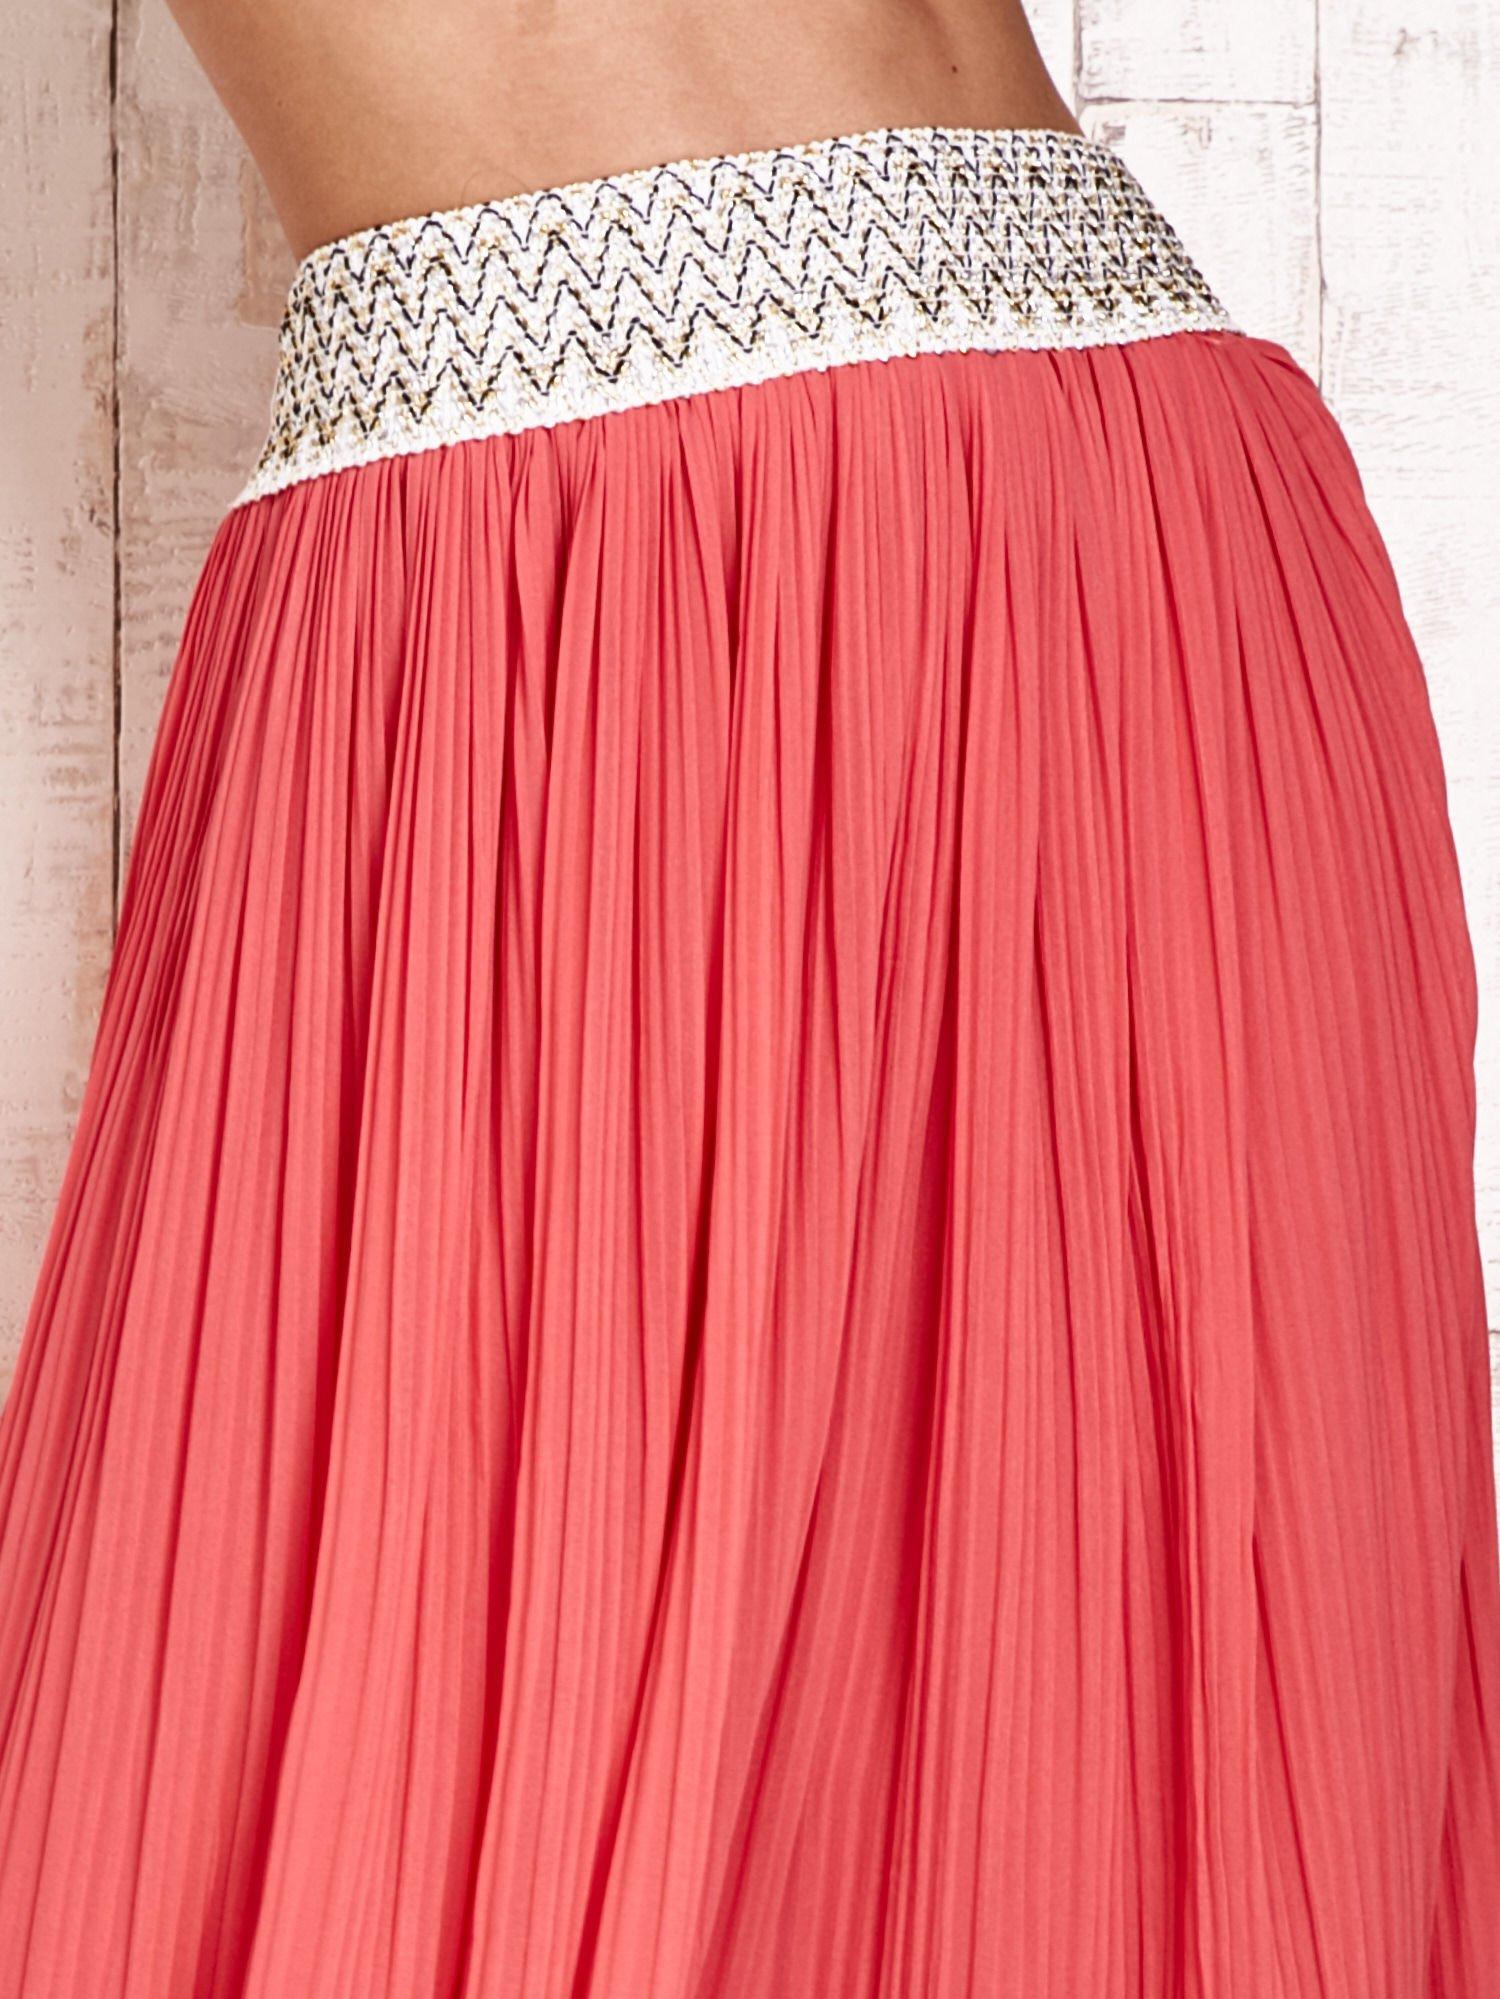 Koralowa plisowana spódnica maxi z pasem przeszywanym metaliczną nicią                                  zdj.                                  4